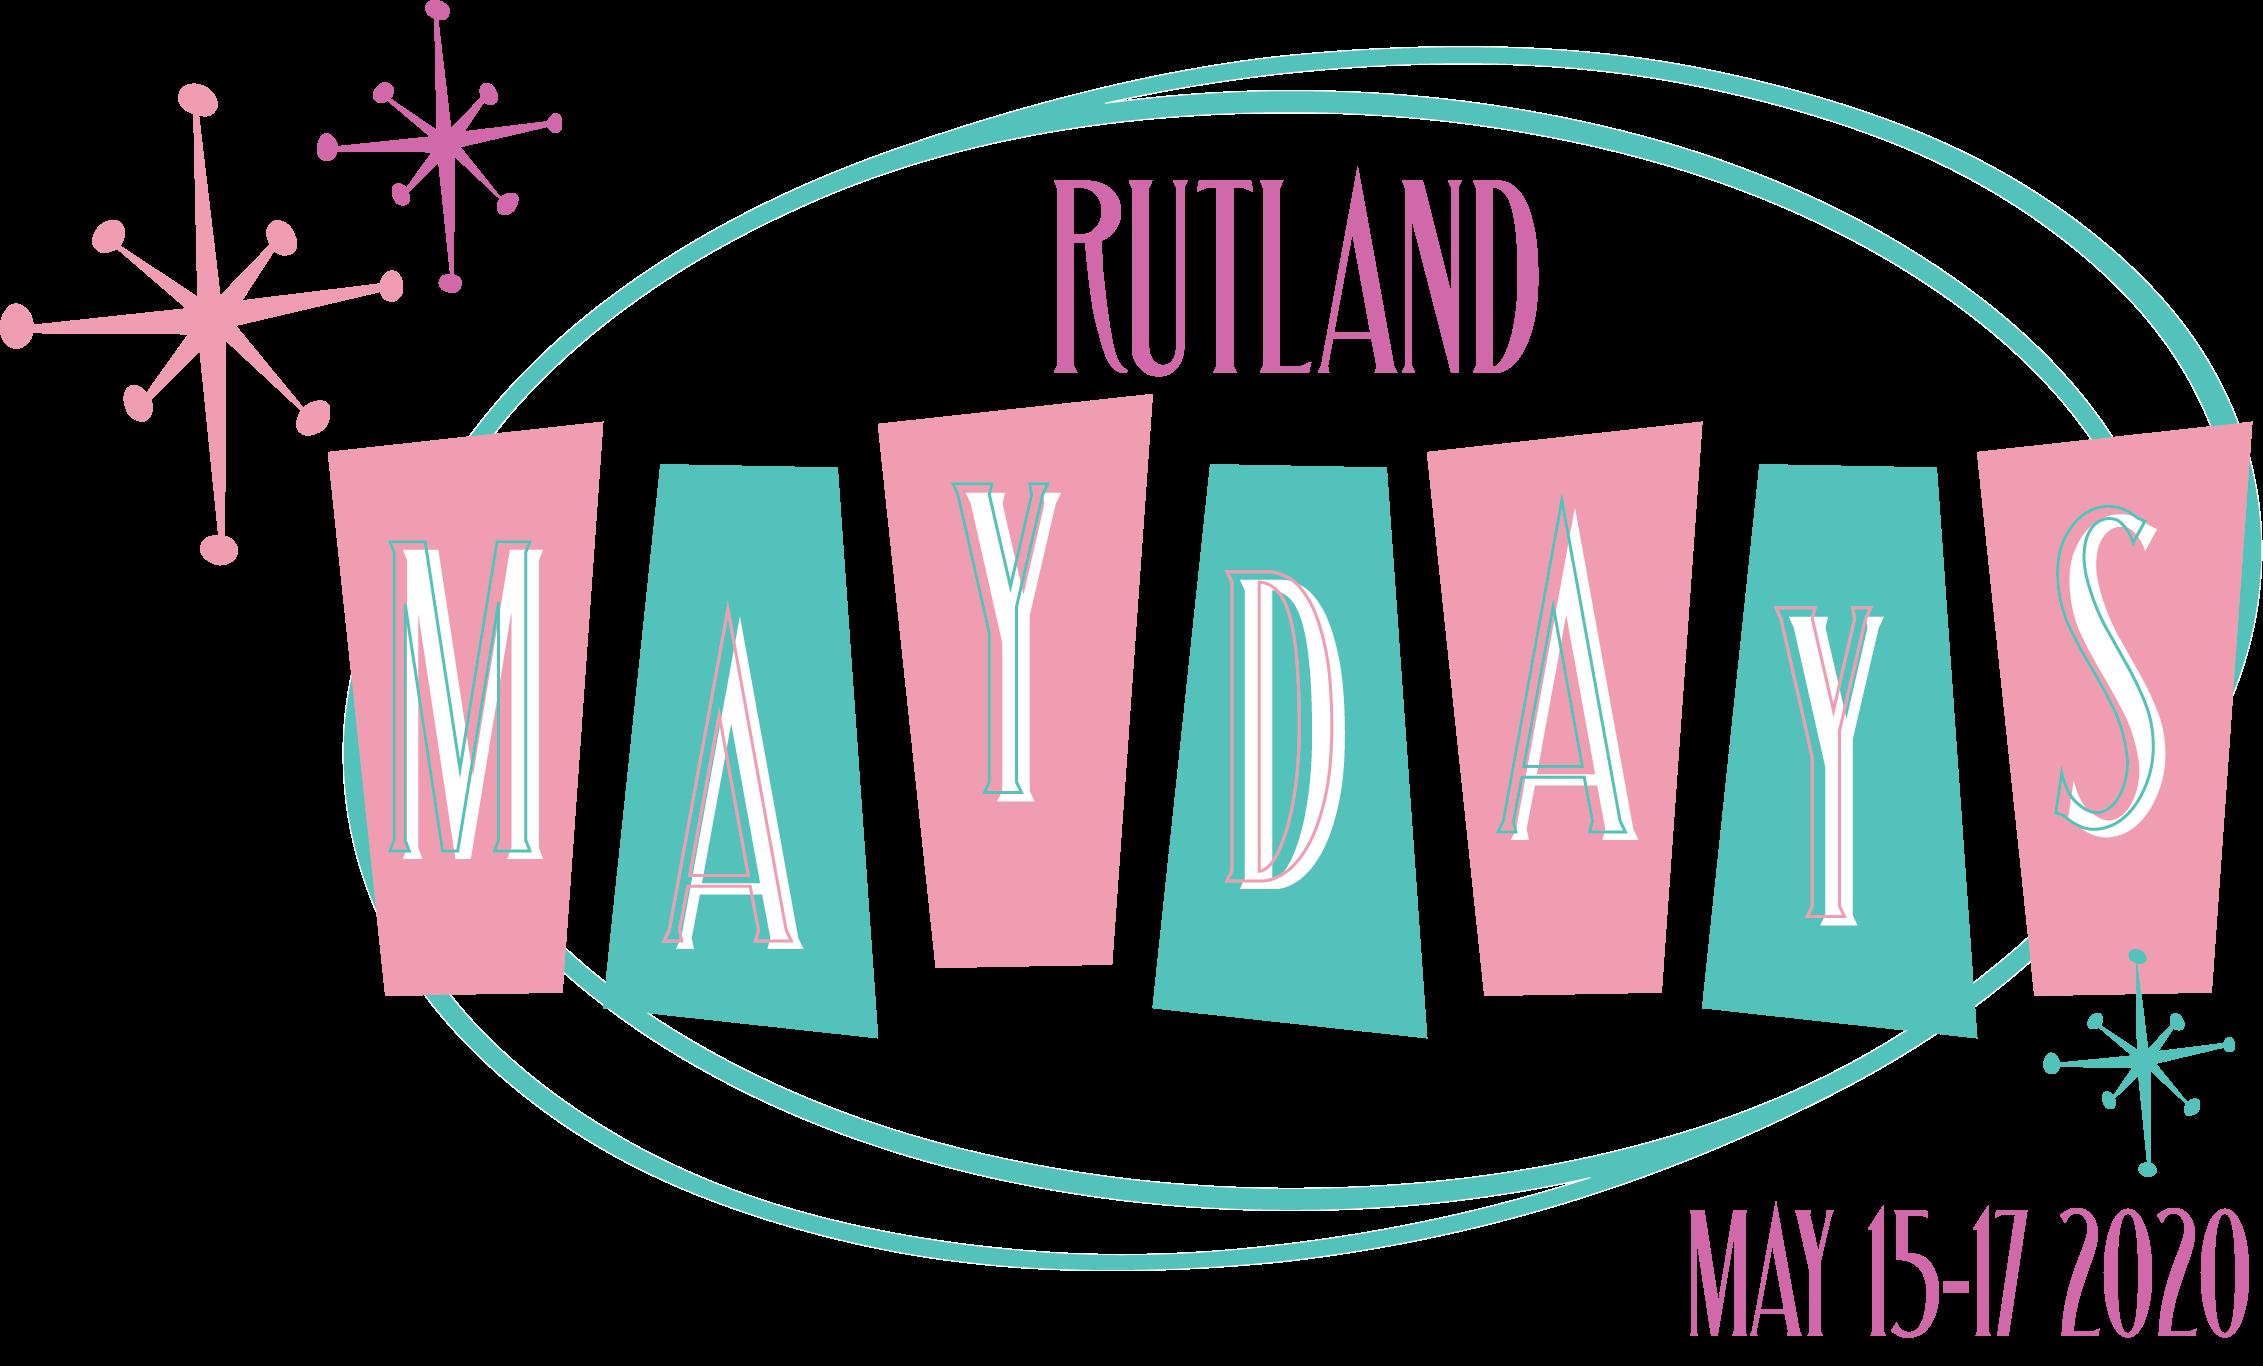 Rutland May Days